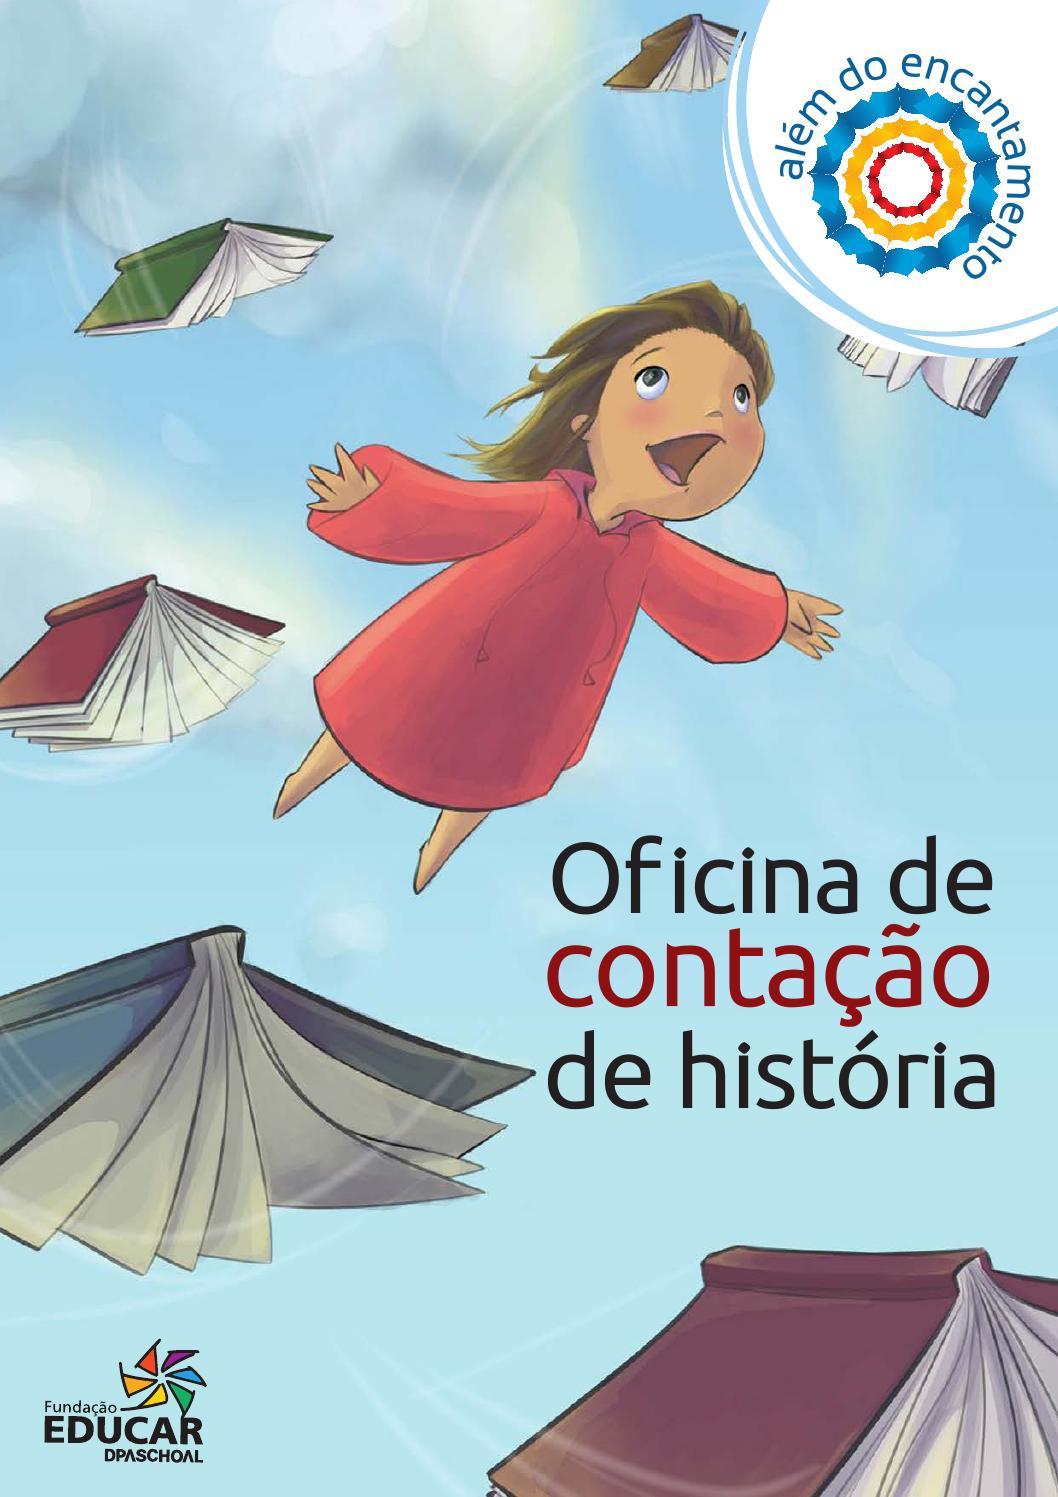 Apostila Oficina De Contacao De Historia By Fundacao Educar Issuu